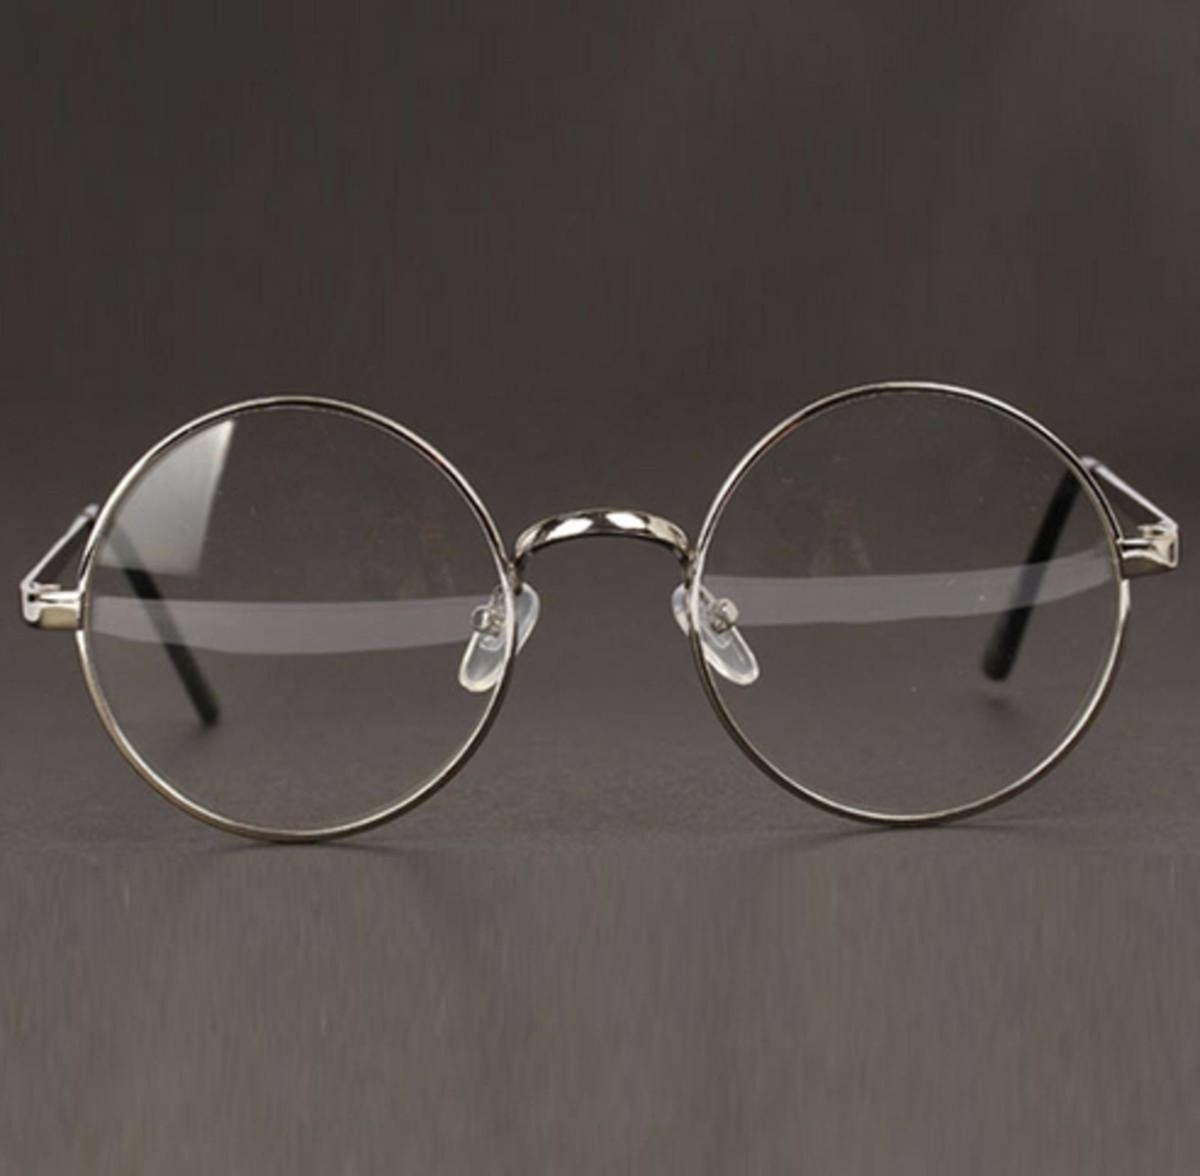 armação óculos lentes redondas estilo harry potter cor prata - óculos otto  store 81ce41f35c